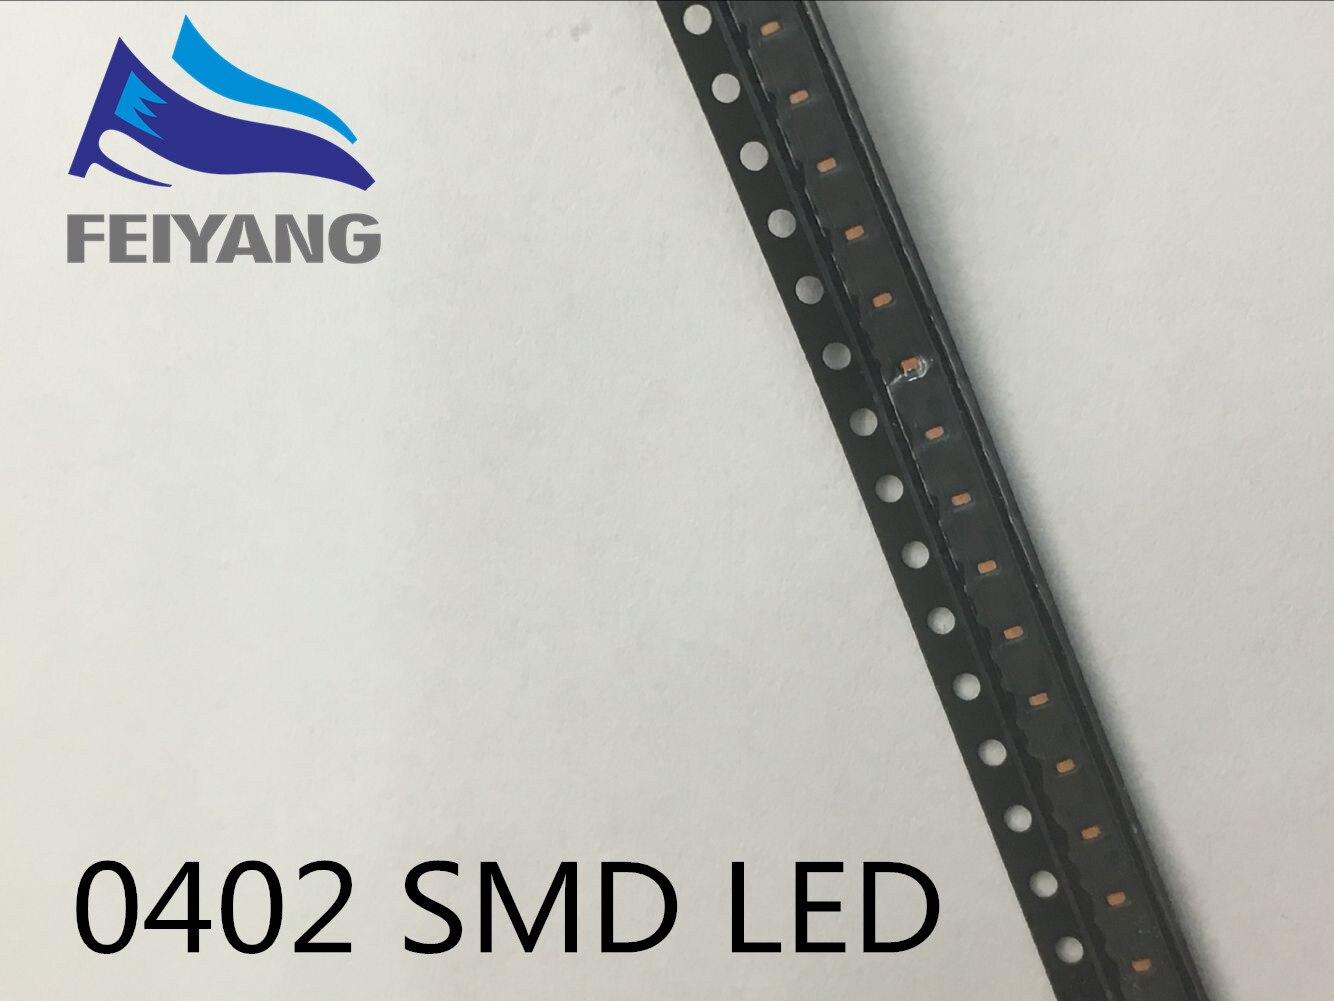 1000 шт. <font><b>0402</b></font> 1005 1.0&#215;0.5 мм красный свет <font><b>SMD</b></font> светодиод светодиодные лампы шарик 620-625NM 1.0*0.5*0.35 мм